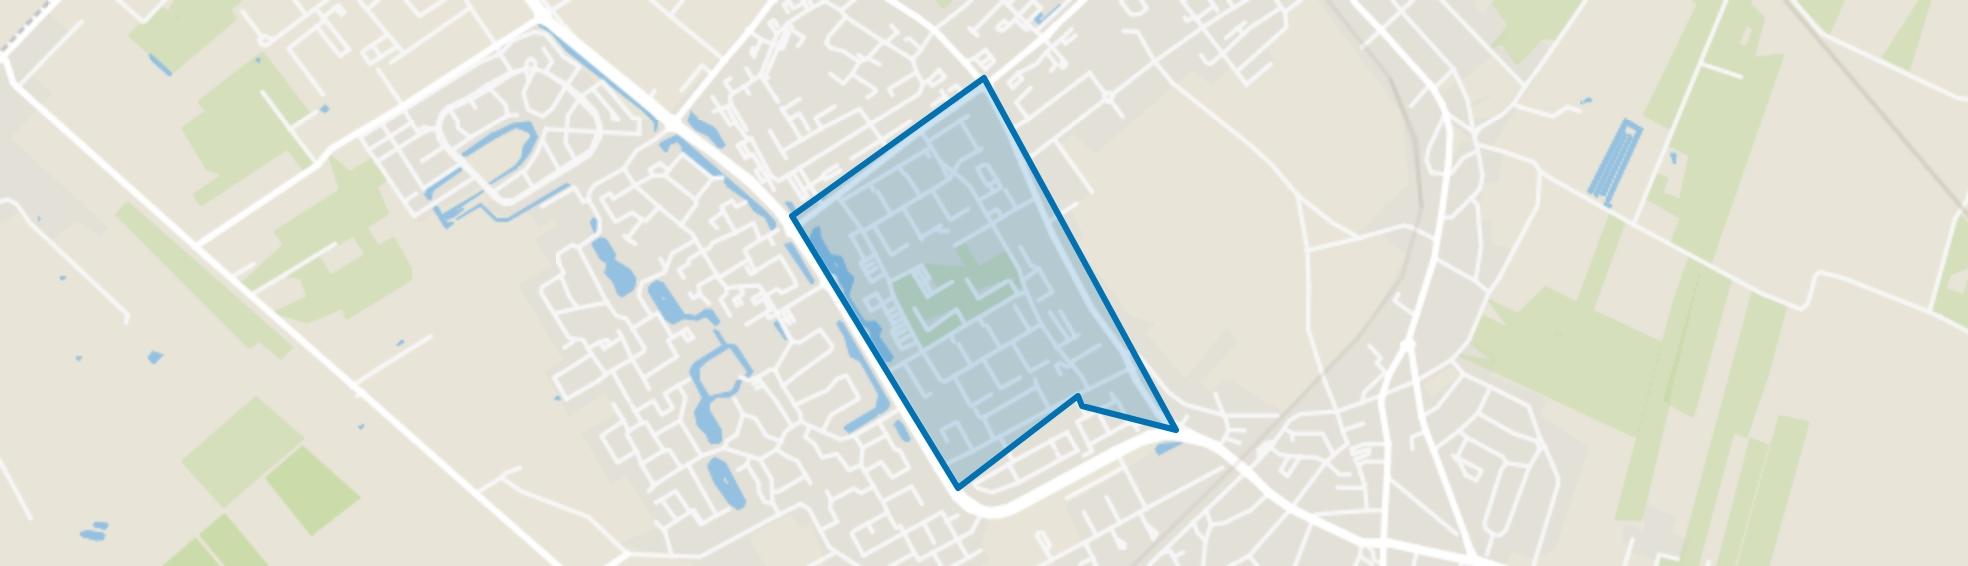 Smitsveen, Soest map